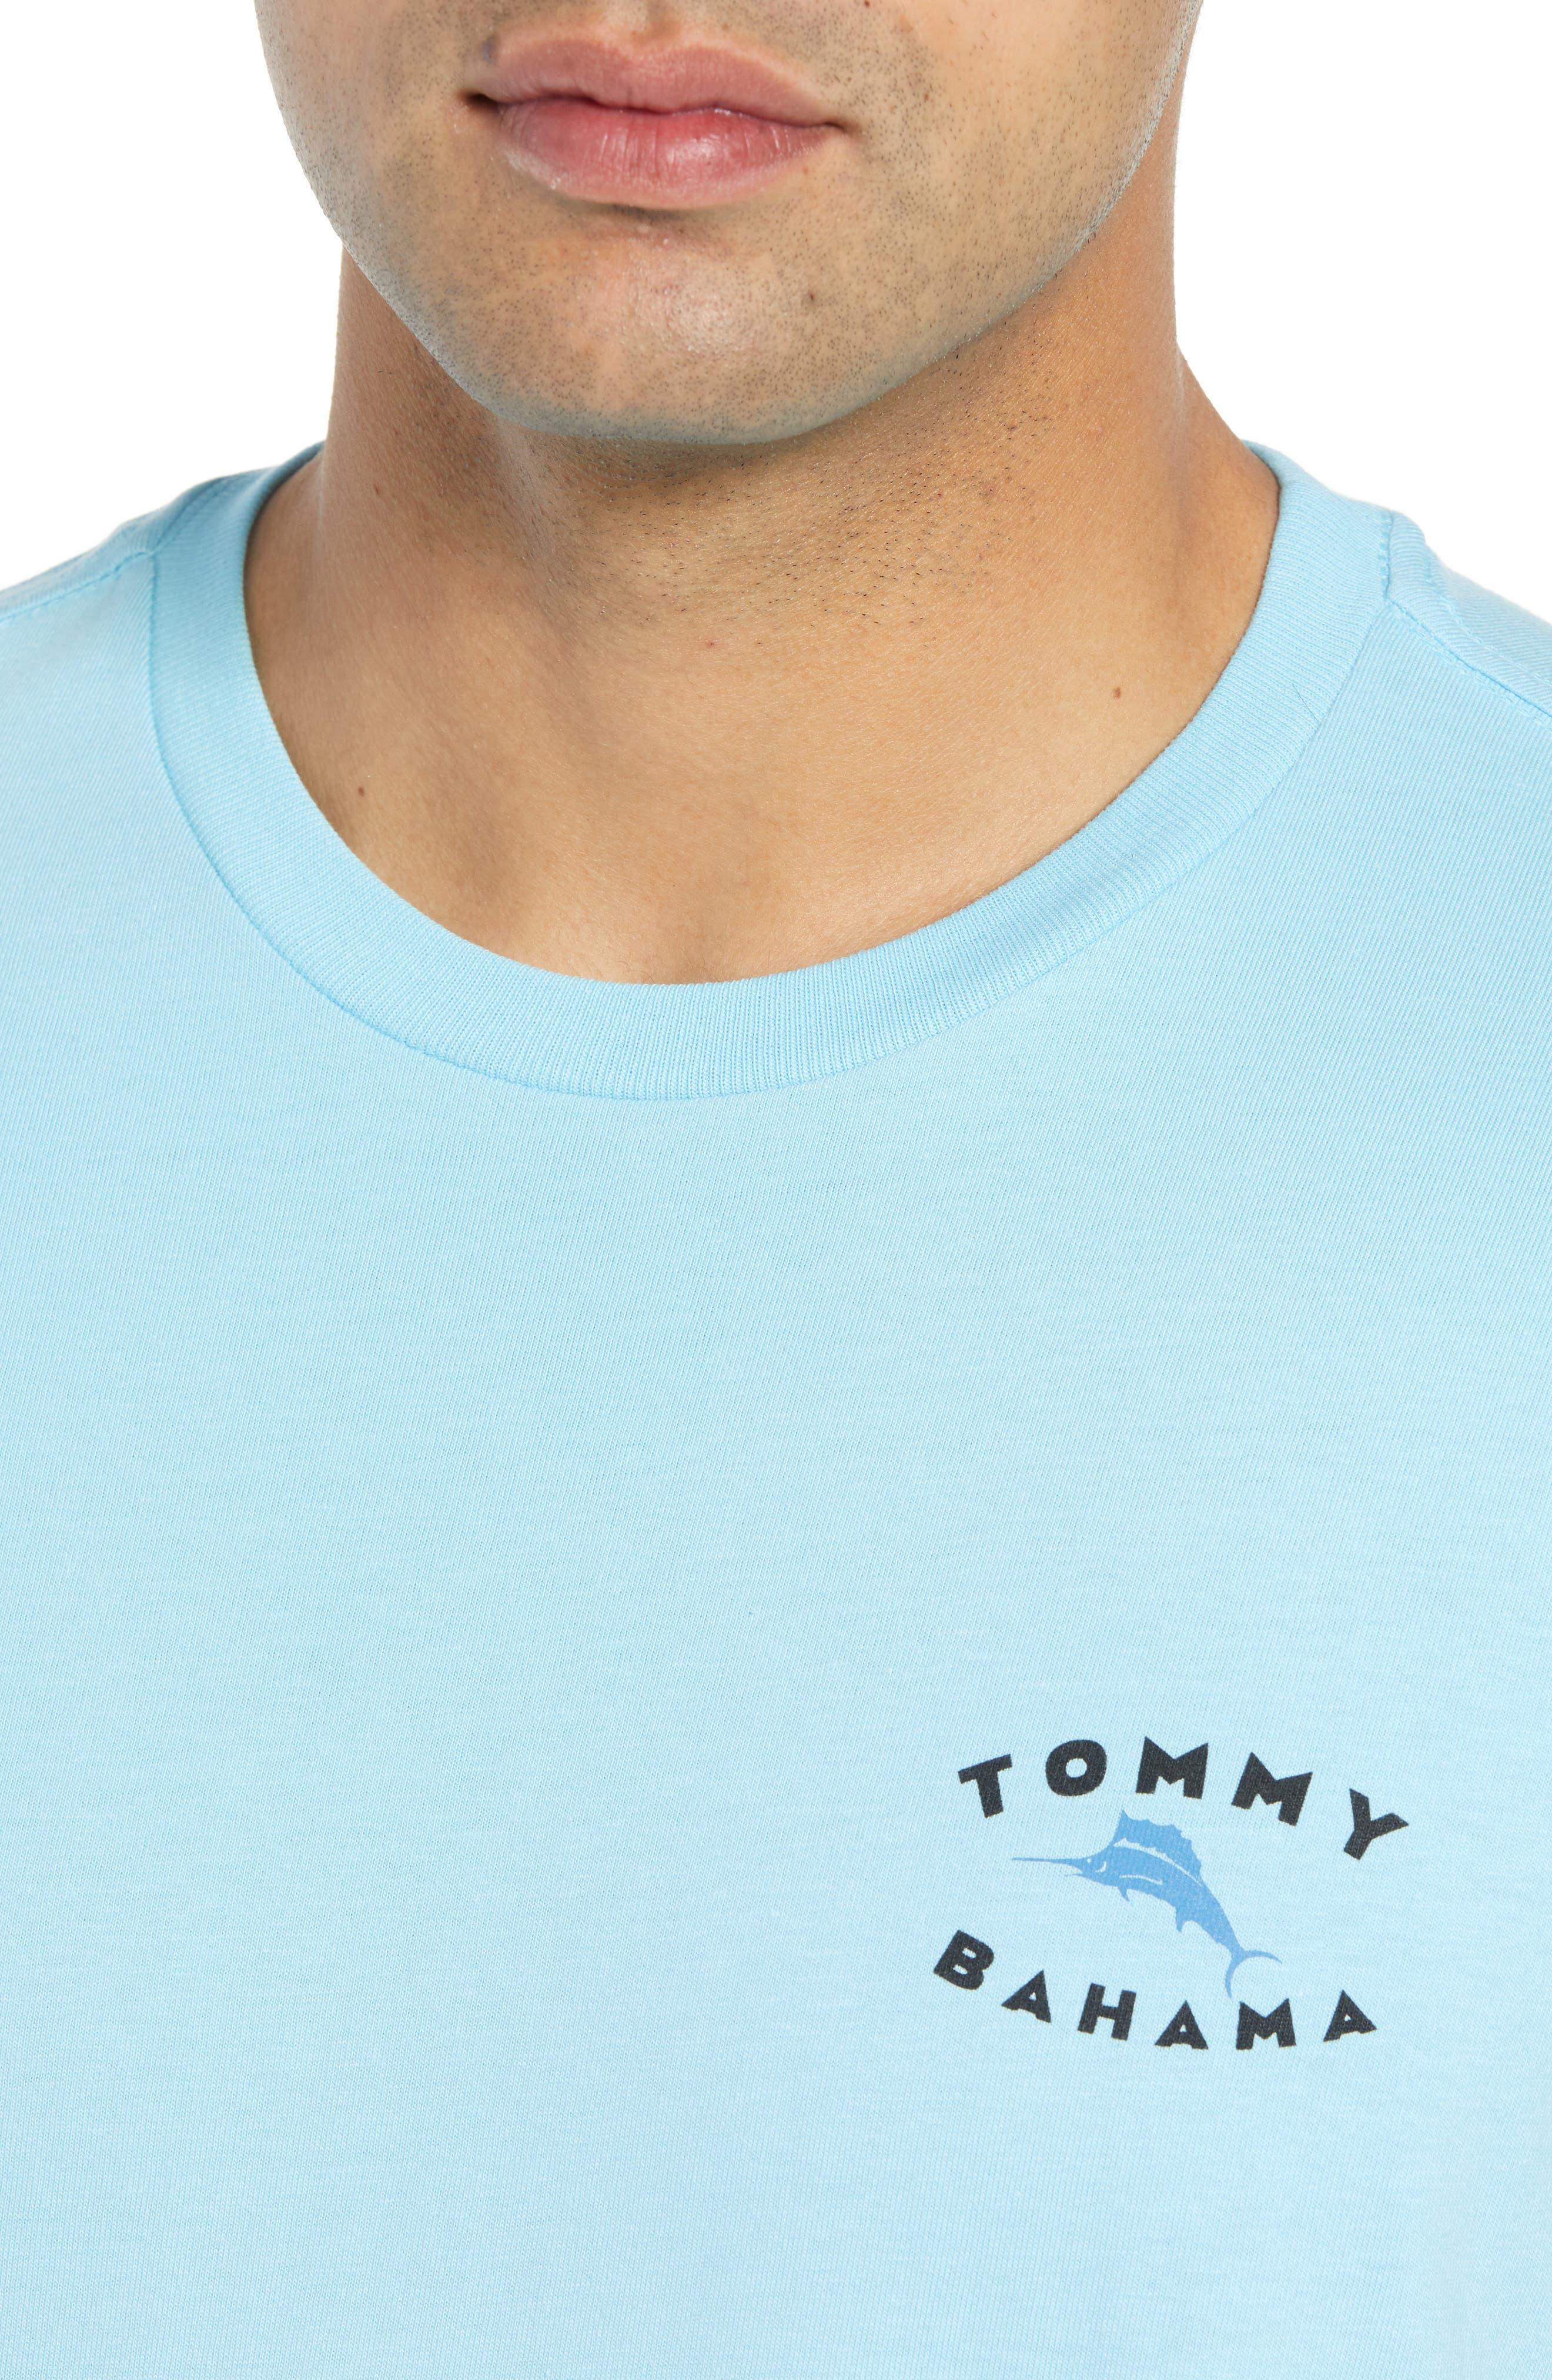 Complete Transparency T-Shirt,                             Alternate thumbnail 3, color,                             Bowtie Blue